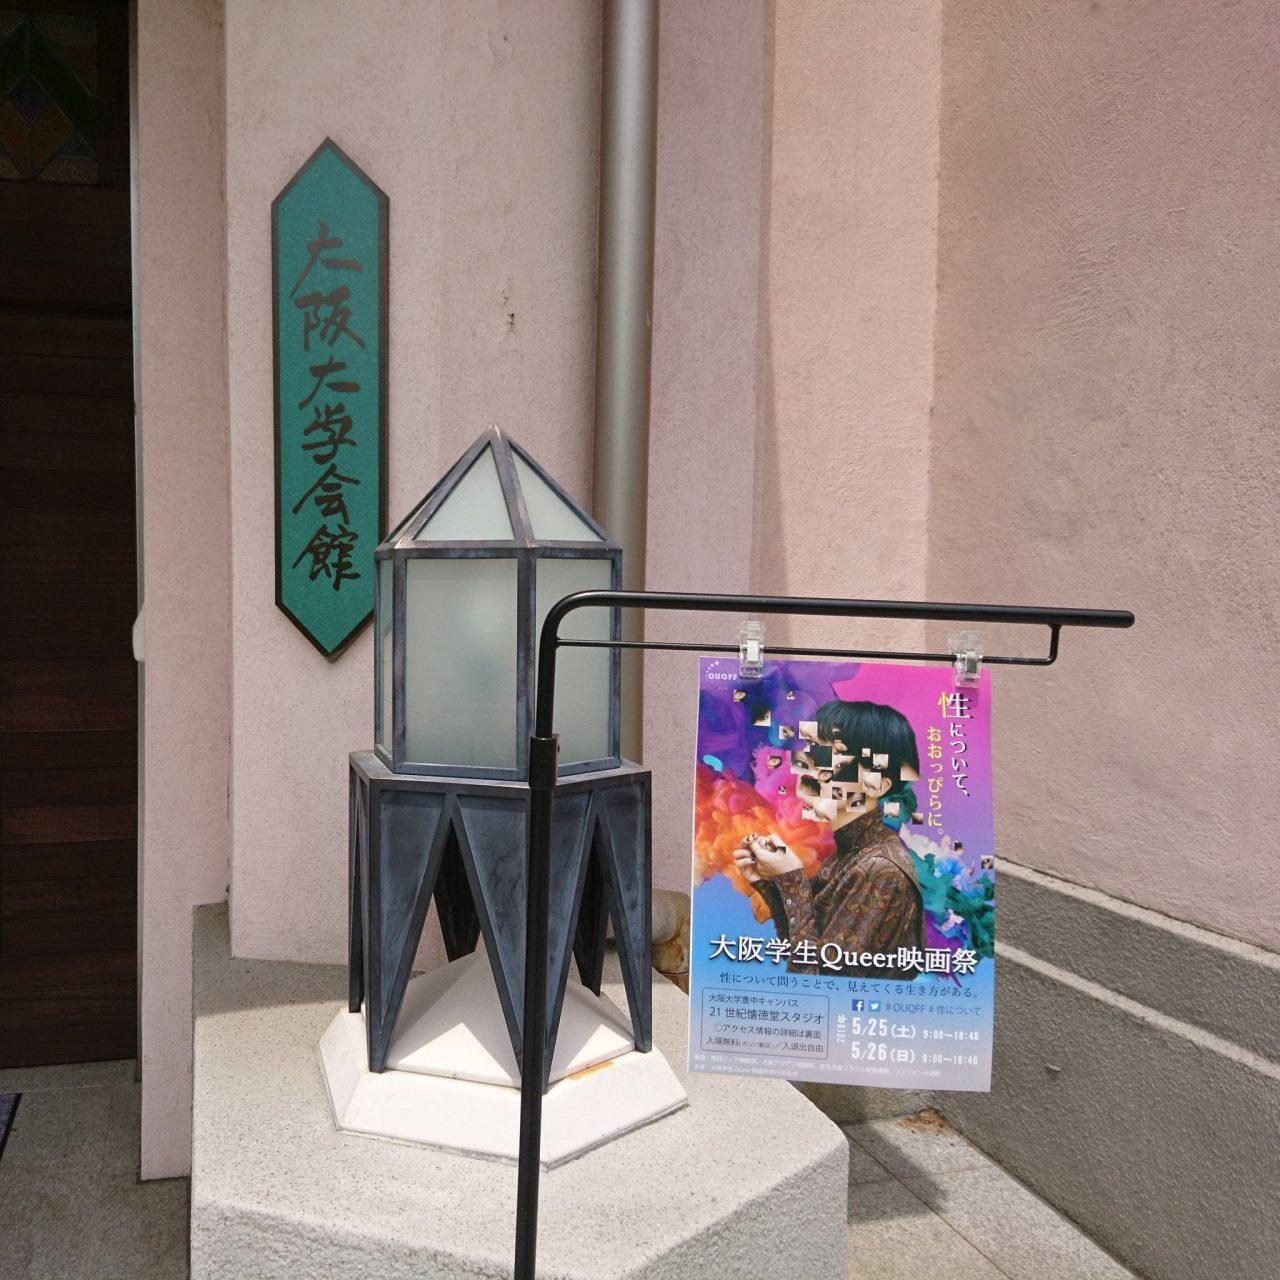 阪大で映画『愛と法』を見ました(きょうも生きています #83)